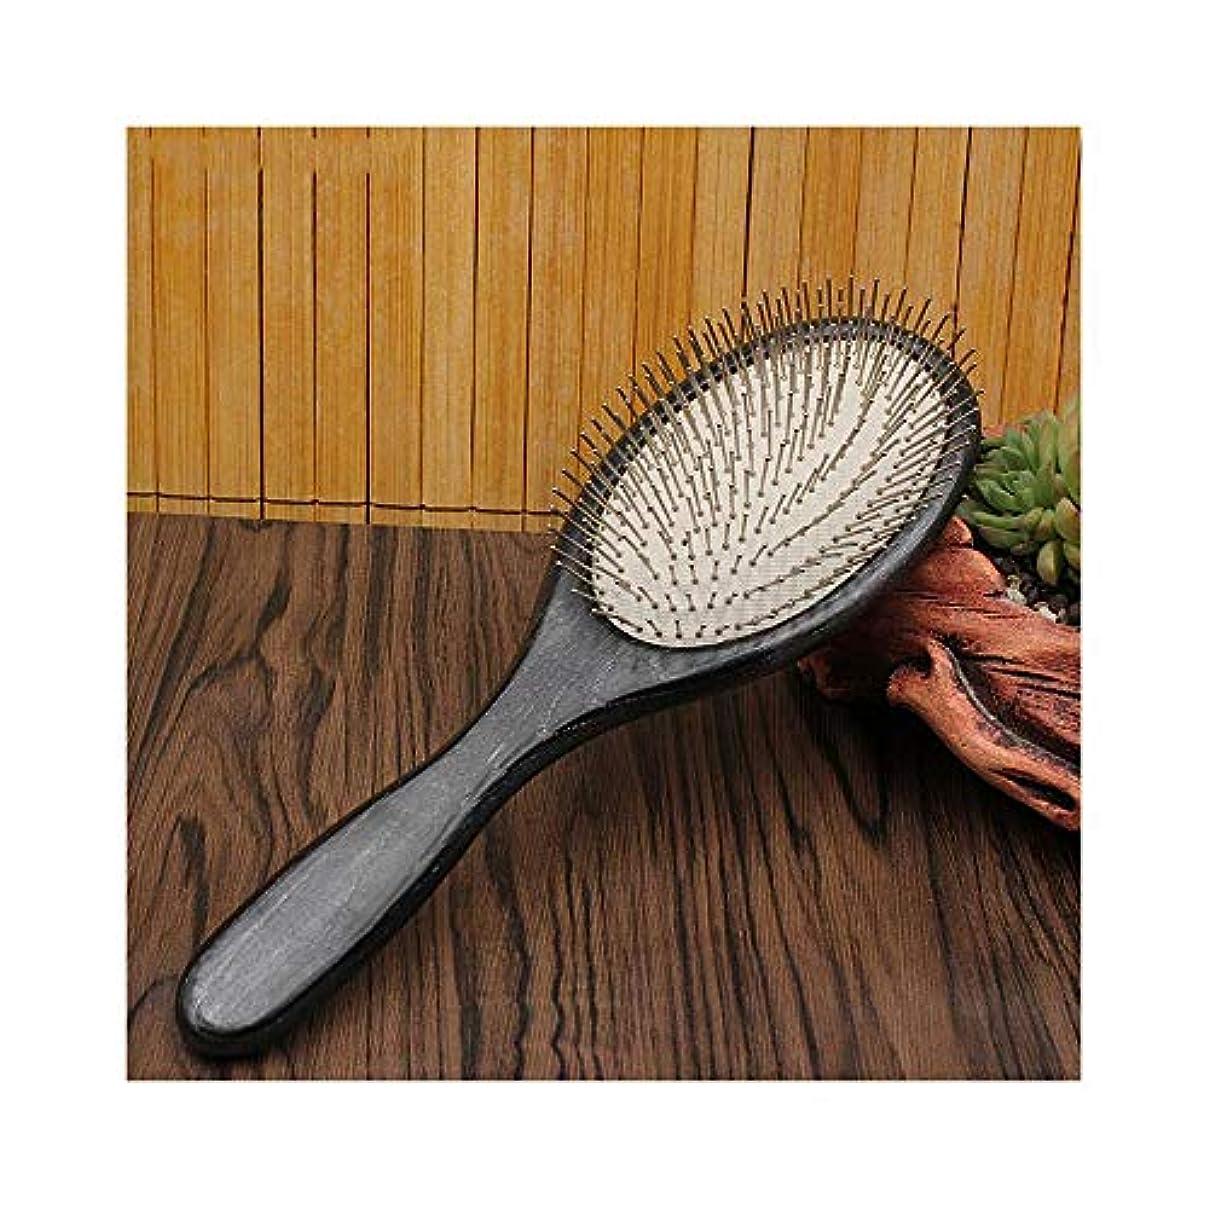 頑固な本物吹きさらしFashian木製ヘアブラシ、リラックスのための100%手作りの頭皮マッサージエアクッション髪コームズスタイリング抗静的ブラシ ヘアケア (色 : Round)